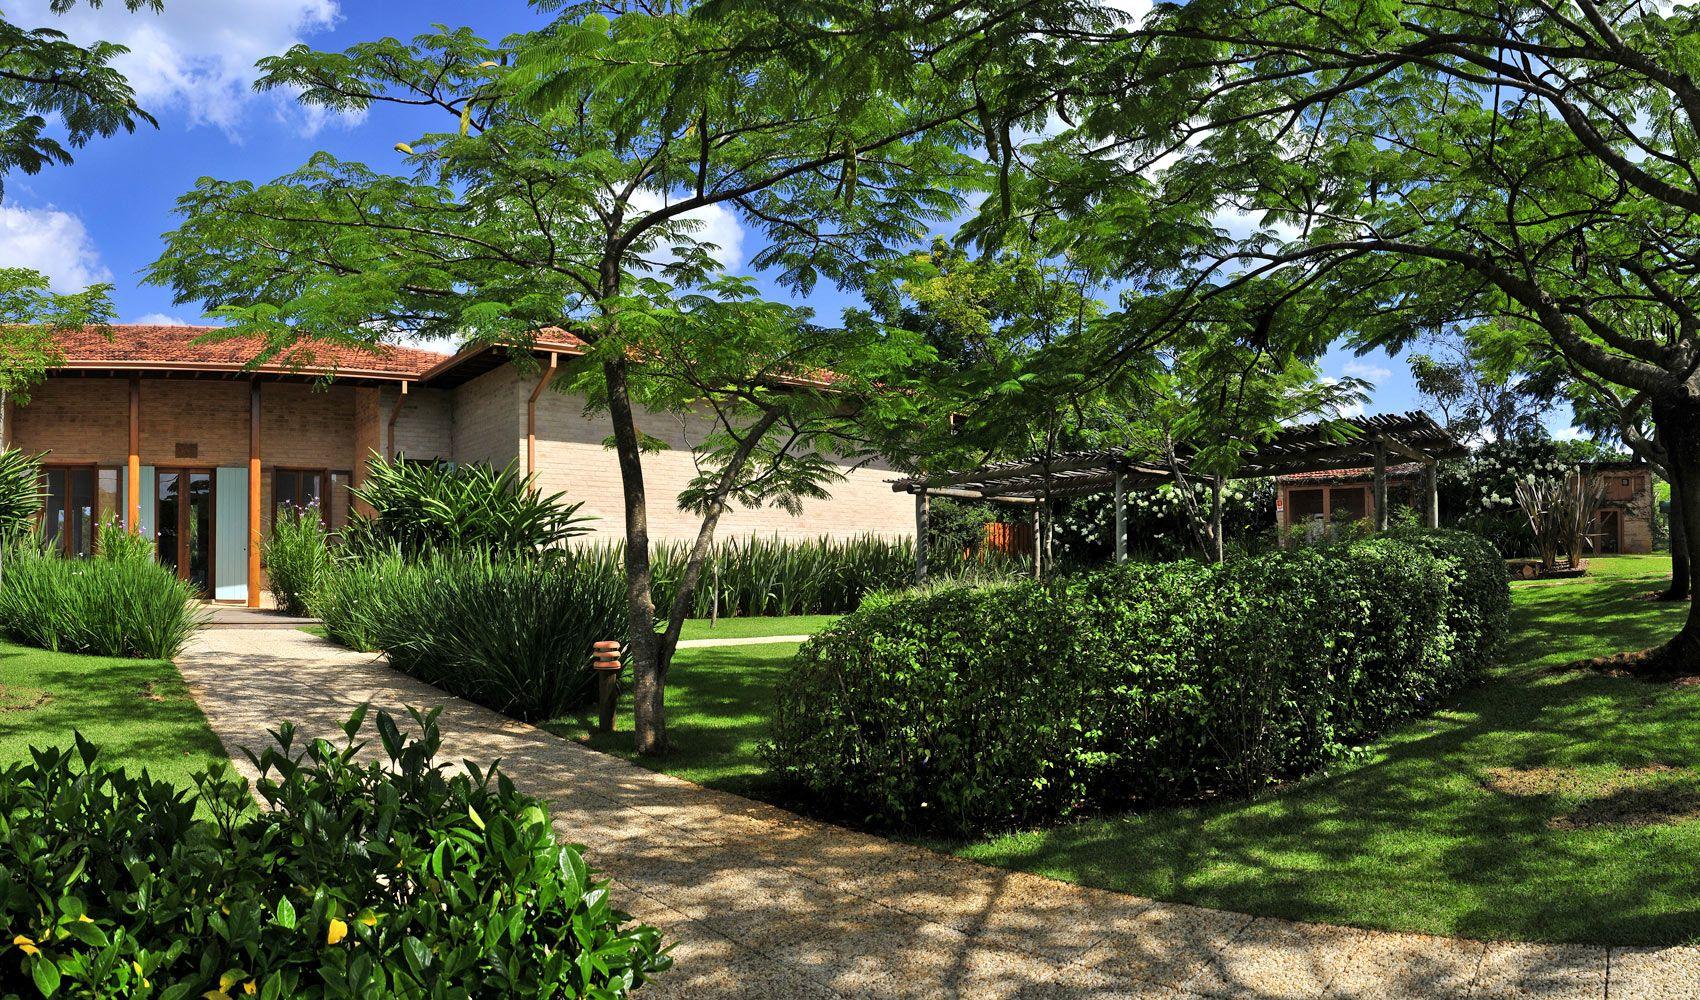 Dise o de exteriores jardines modernos y tropicales for Jardines exteriores de casas de campo